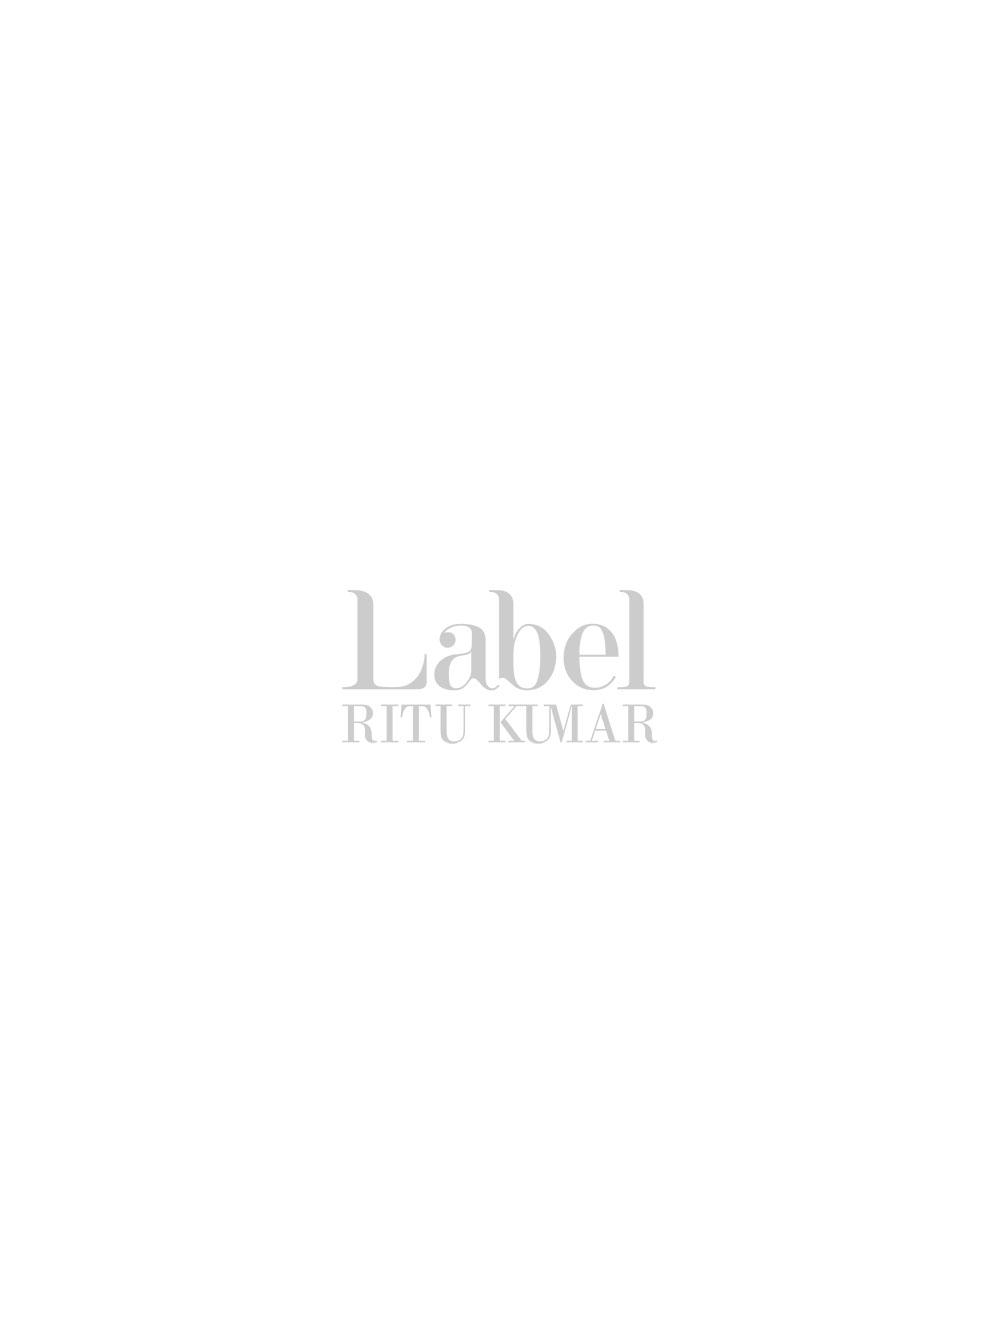 Kalki Koechlin Off-White Full Sleeved Basic T-Shirt by Ritu Kumar